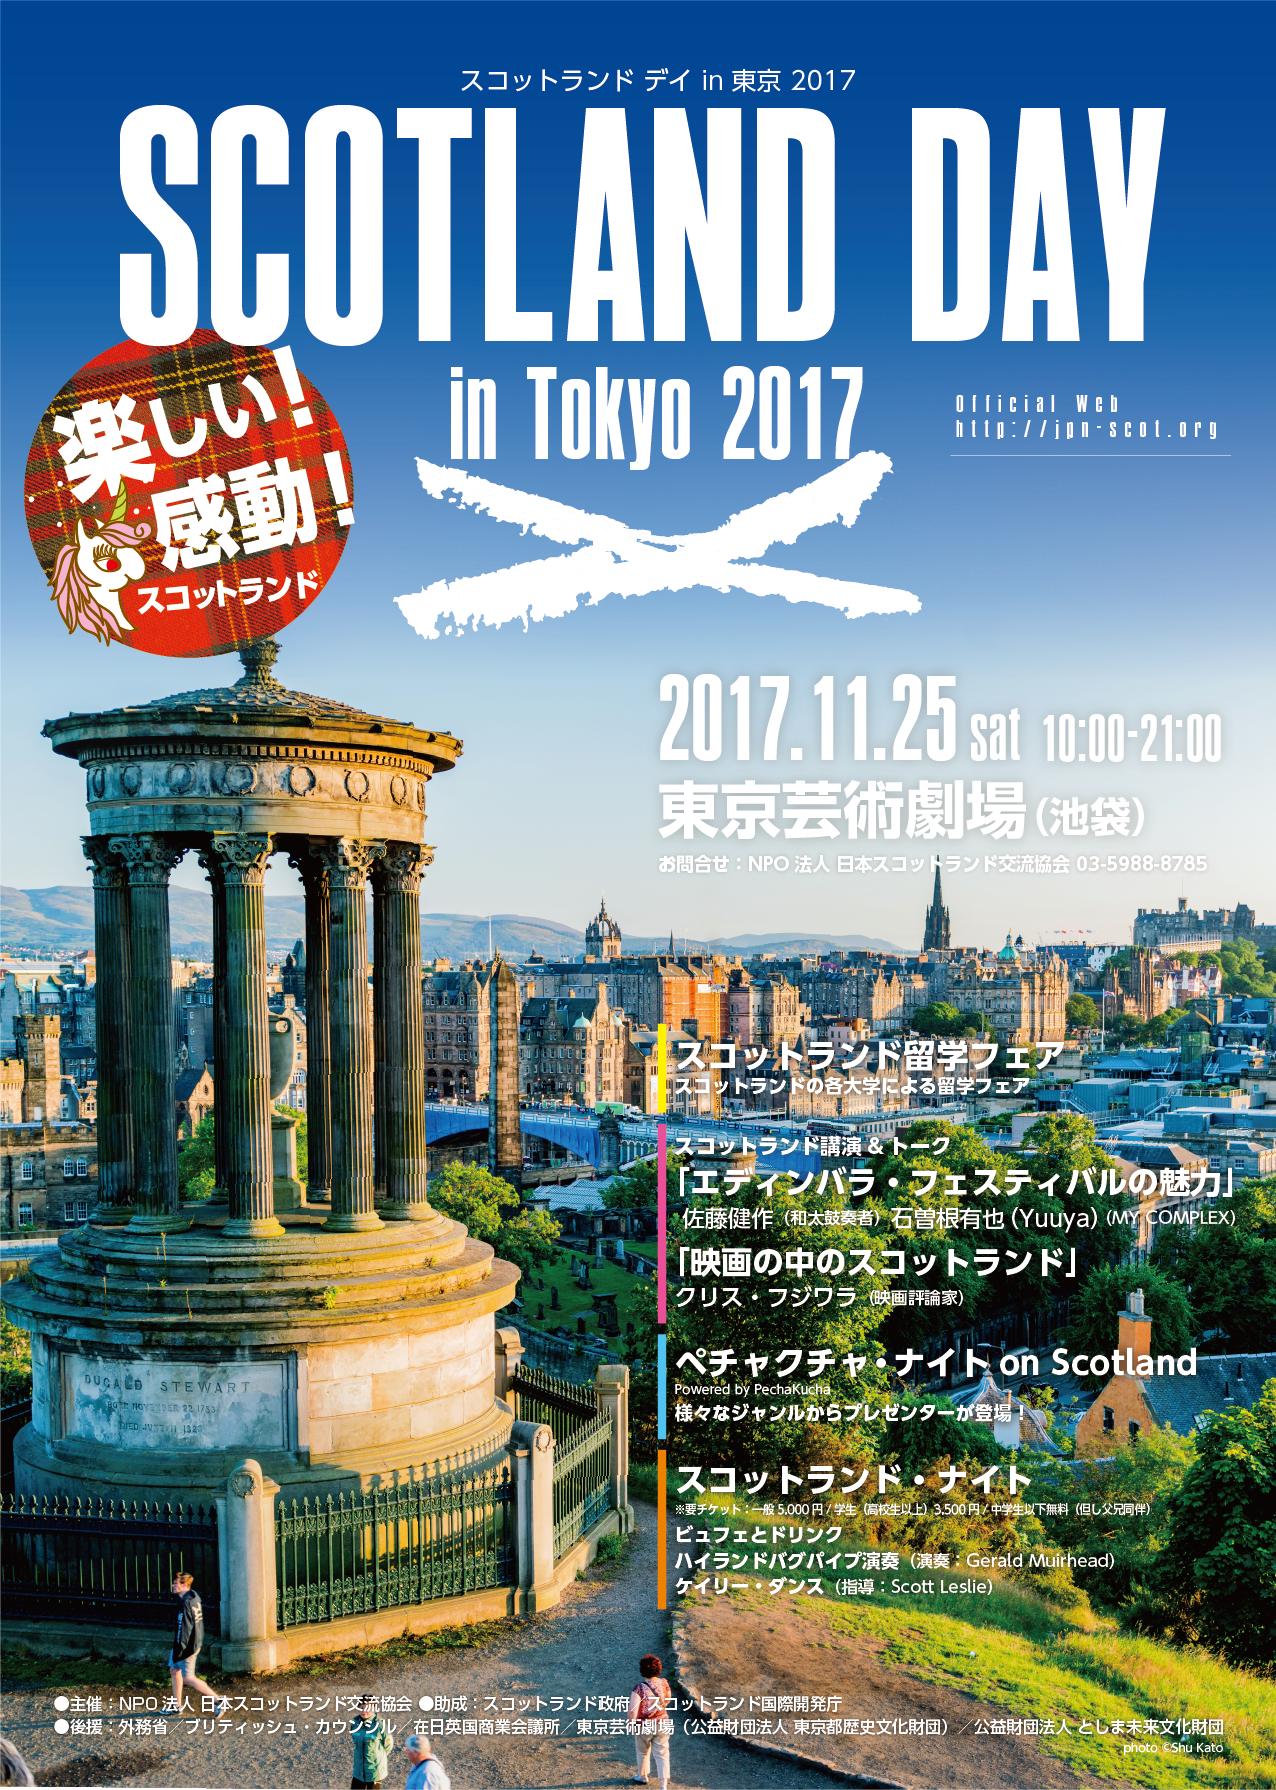 スコットランド デイ in 東京 2017